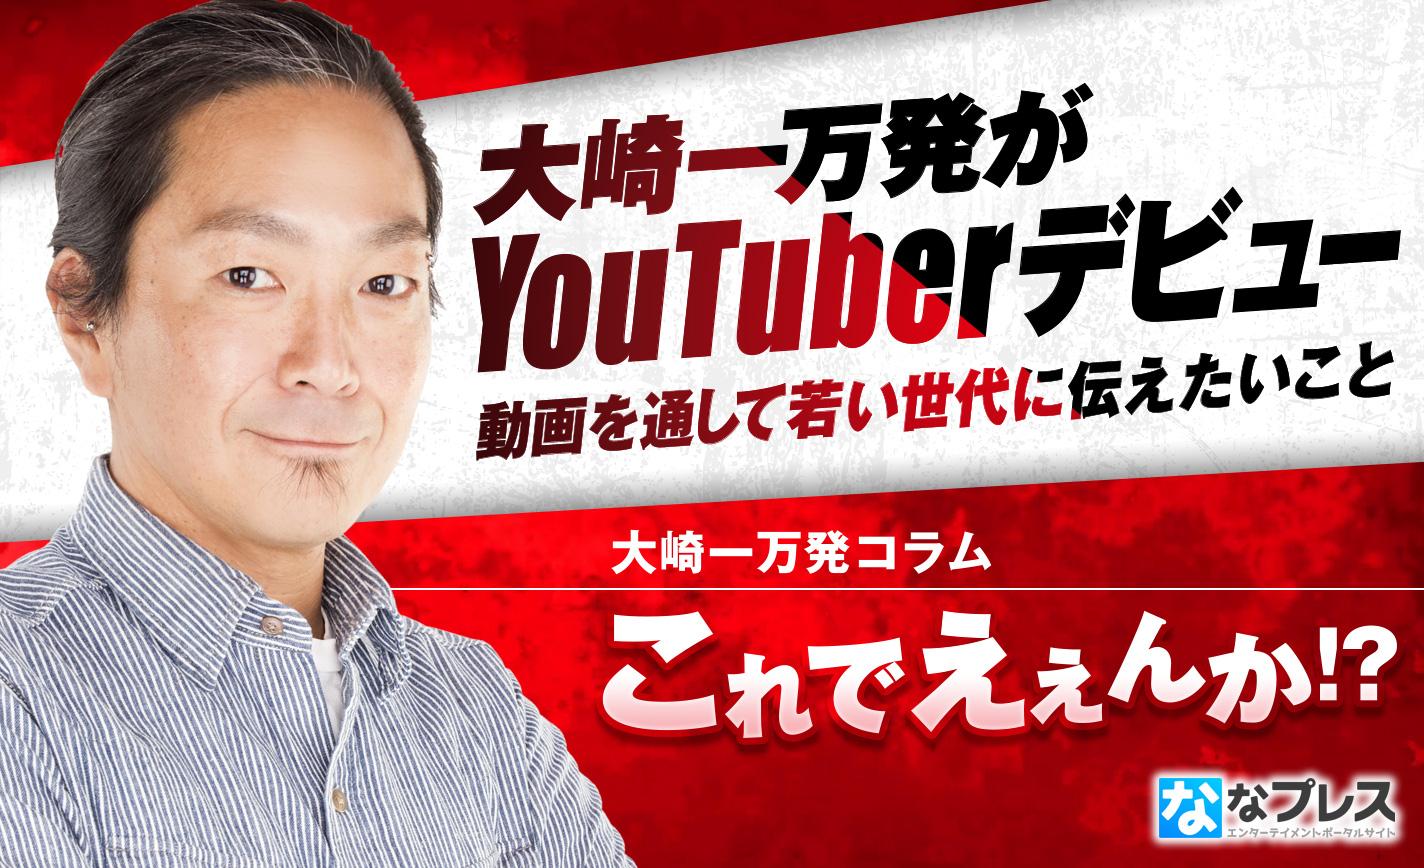 大崎一万発がYouTuberデビュー!老害思考といわれても若い世代に伝えたいこととは? eyecatch-image